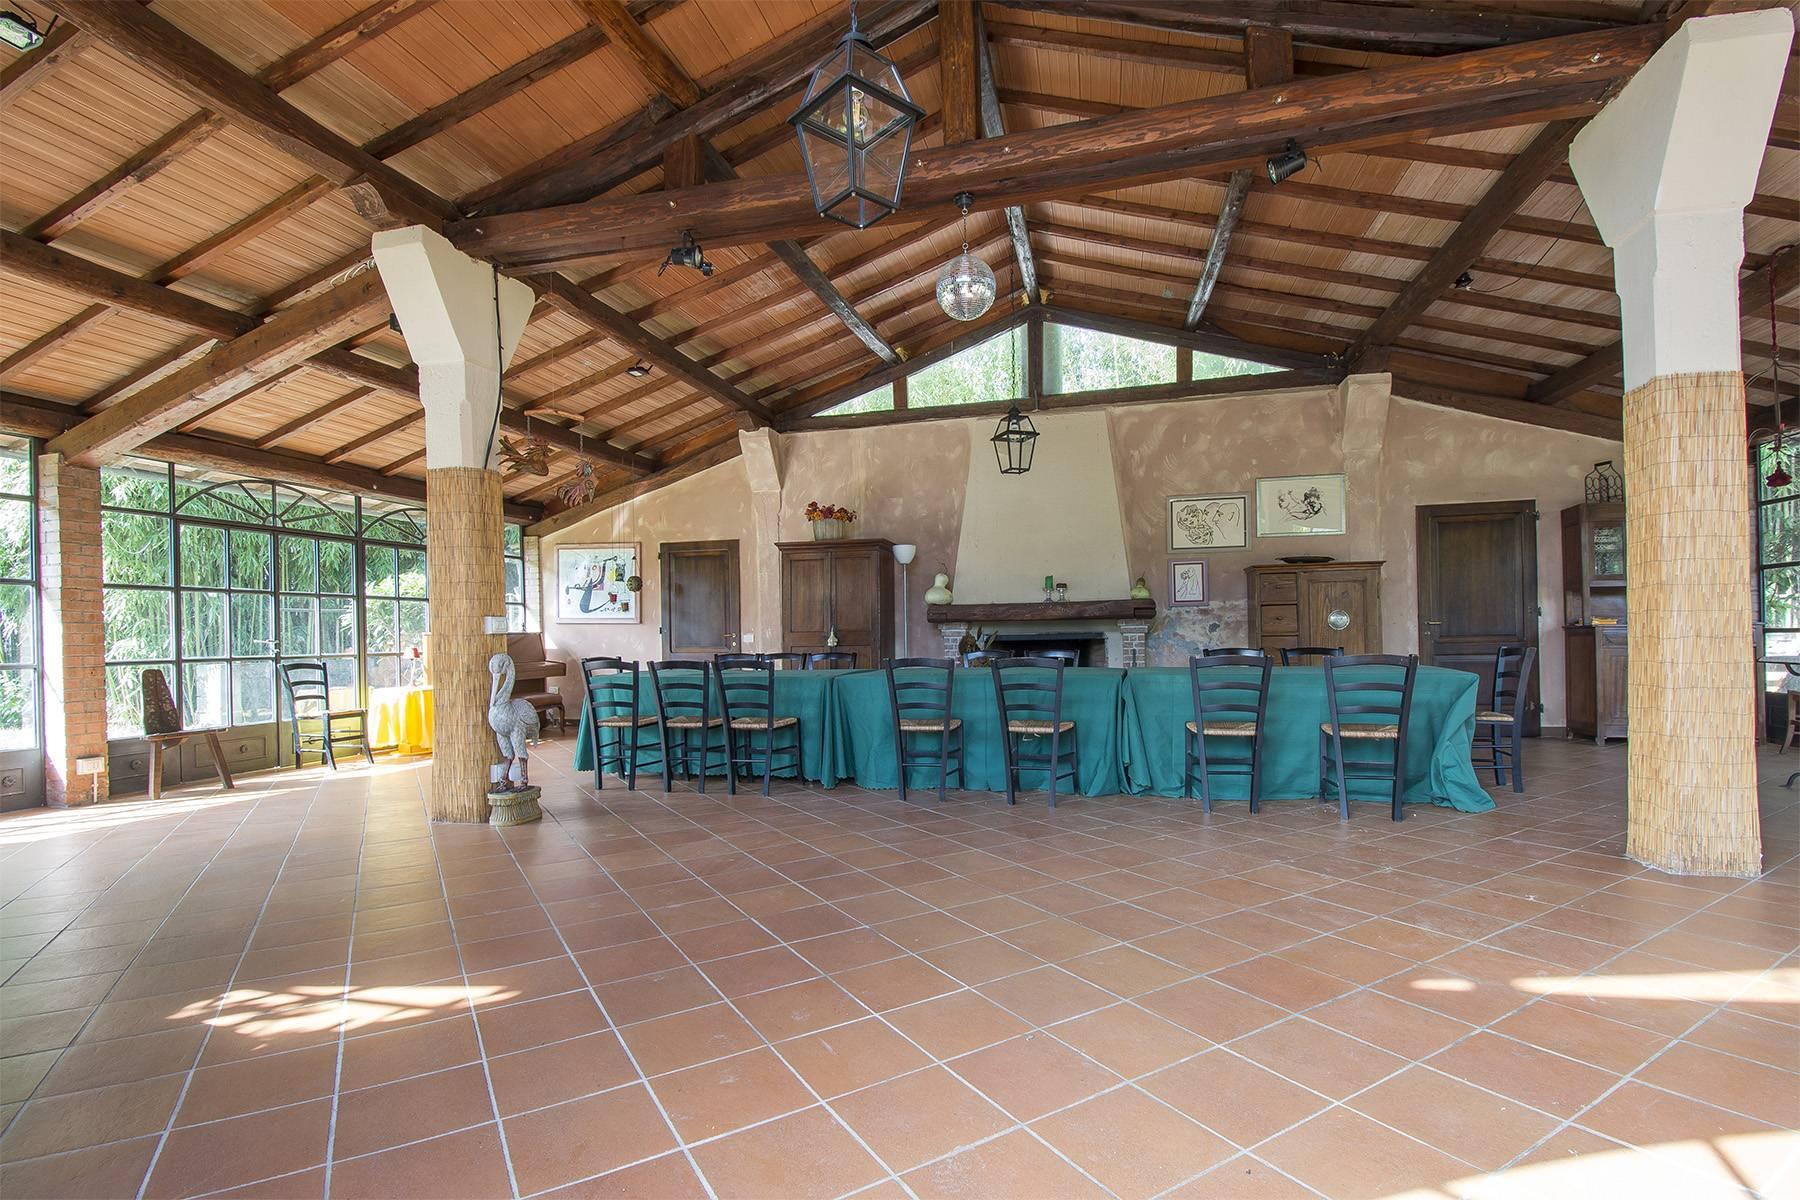 Bauernhaus mit Reitschule auf dem toskanischen Landschaft - 18